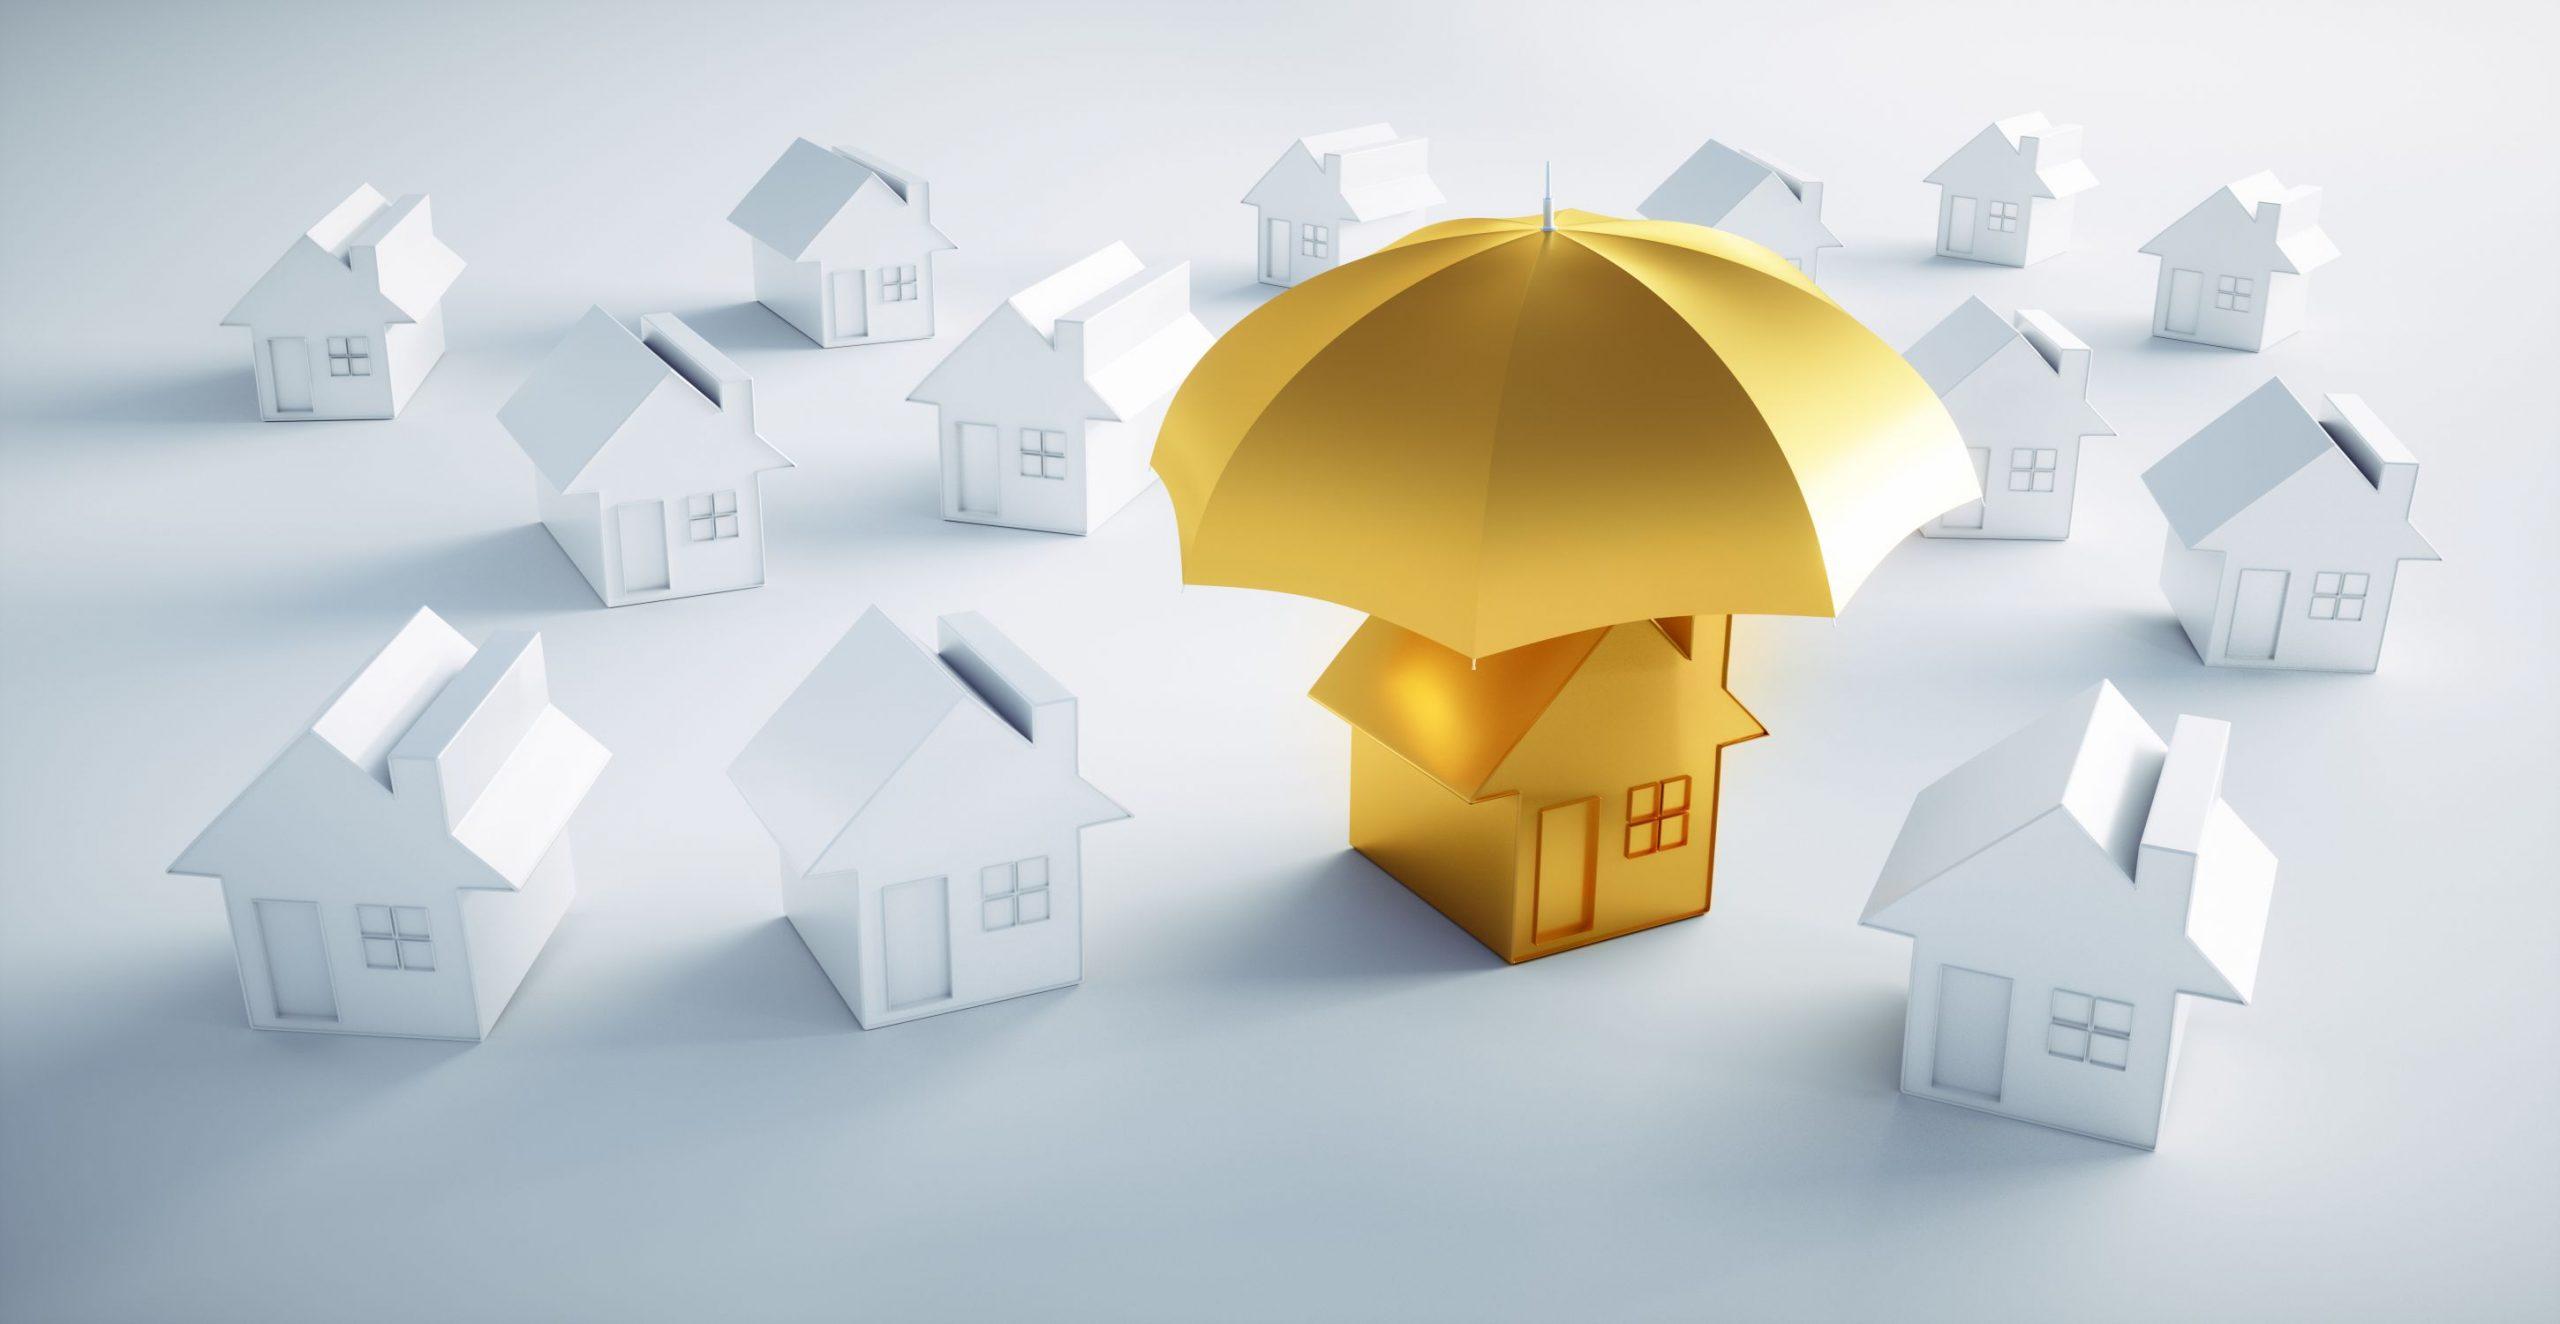 comment trouver meilleure assurance habitation